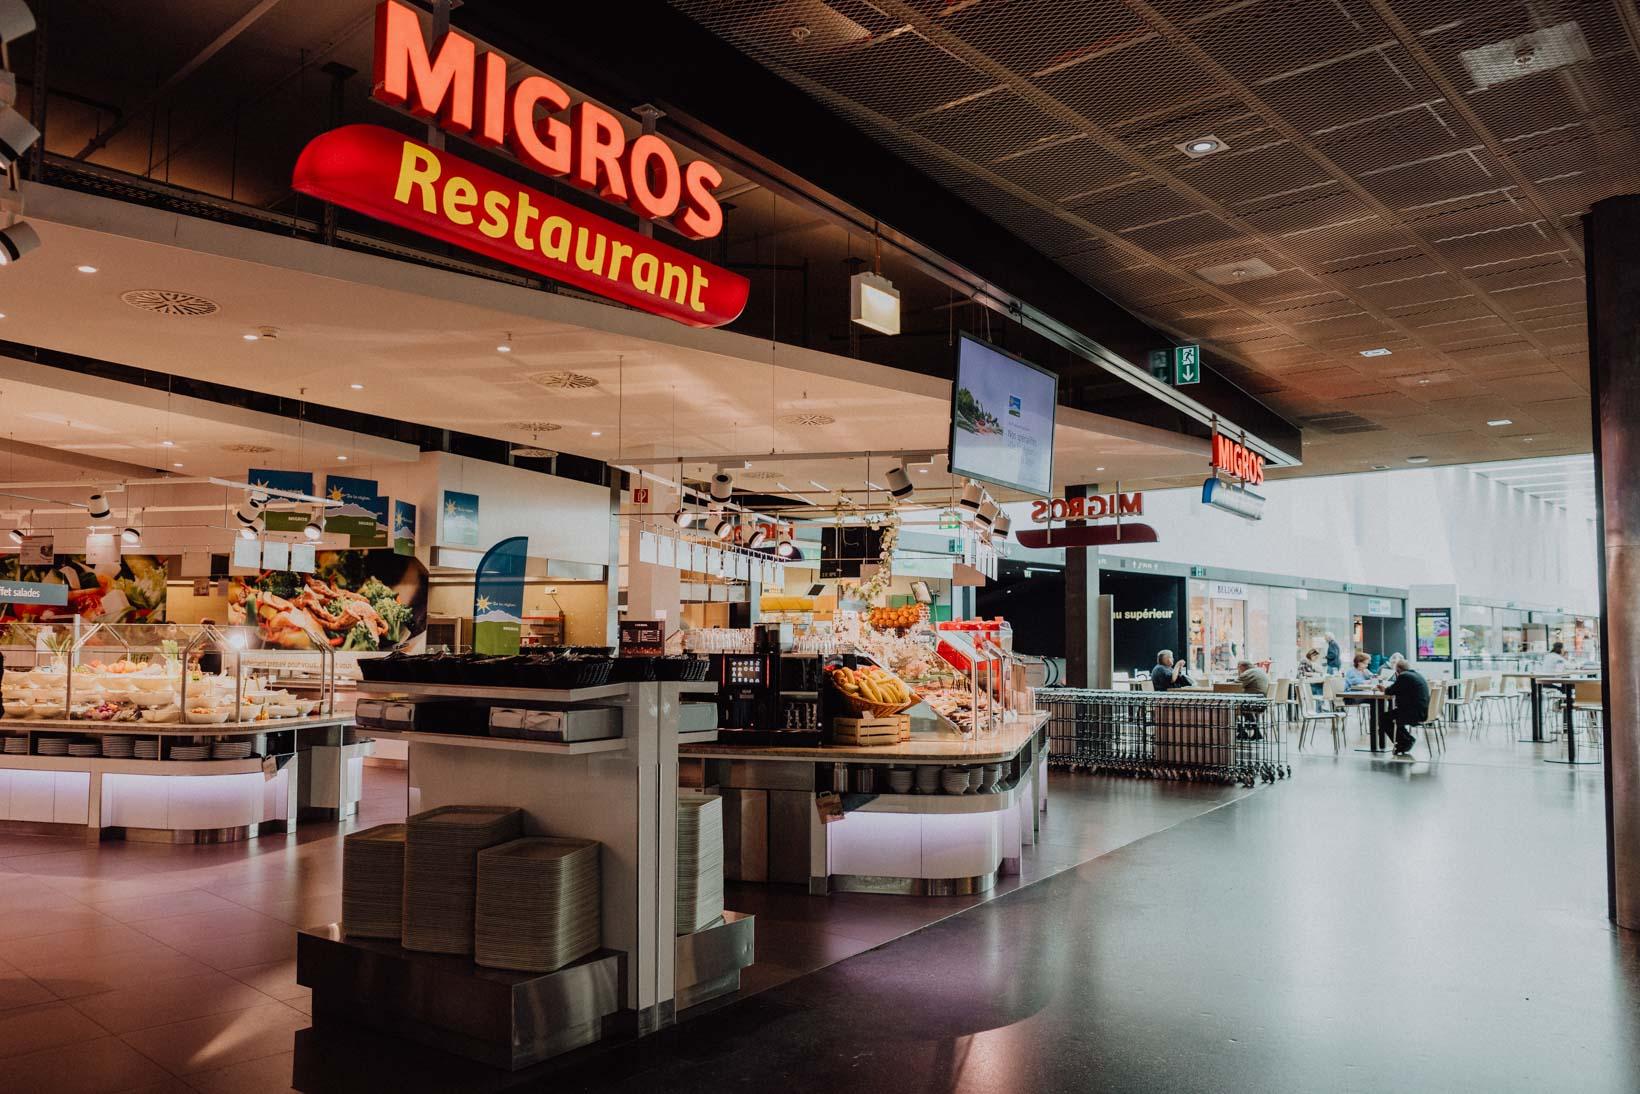 Migros Restaurant